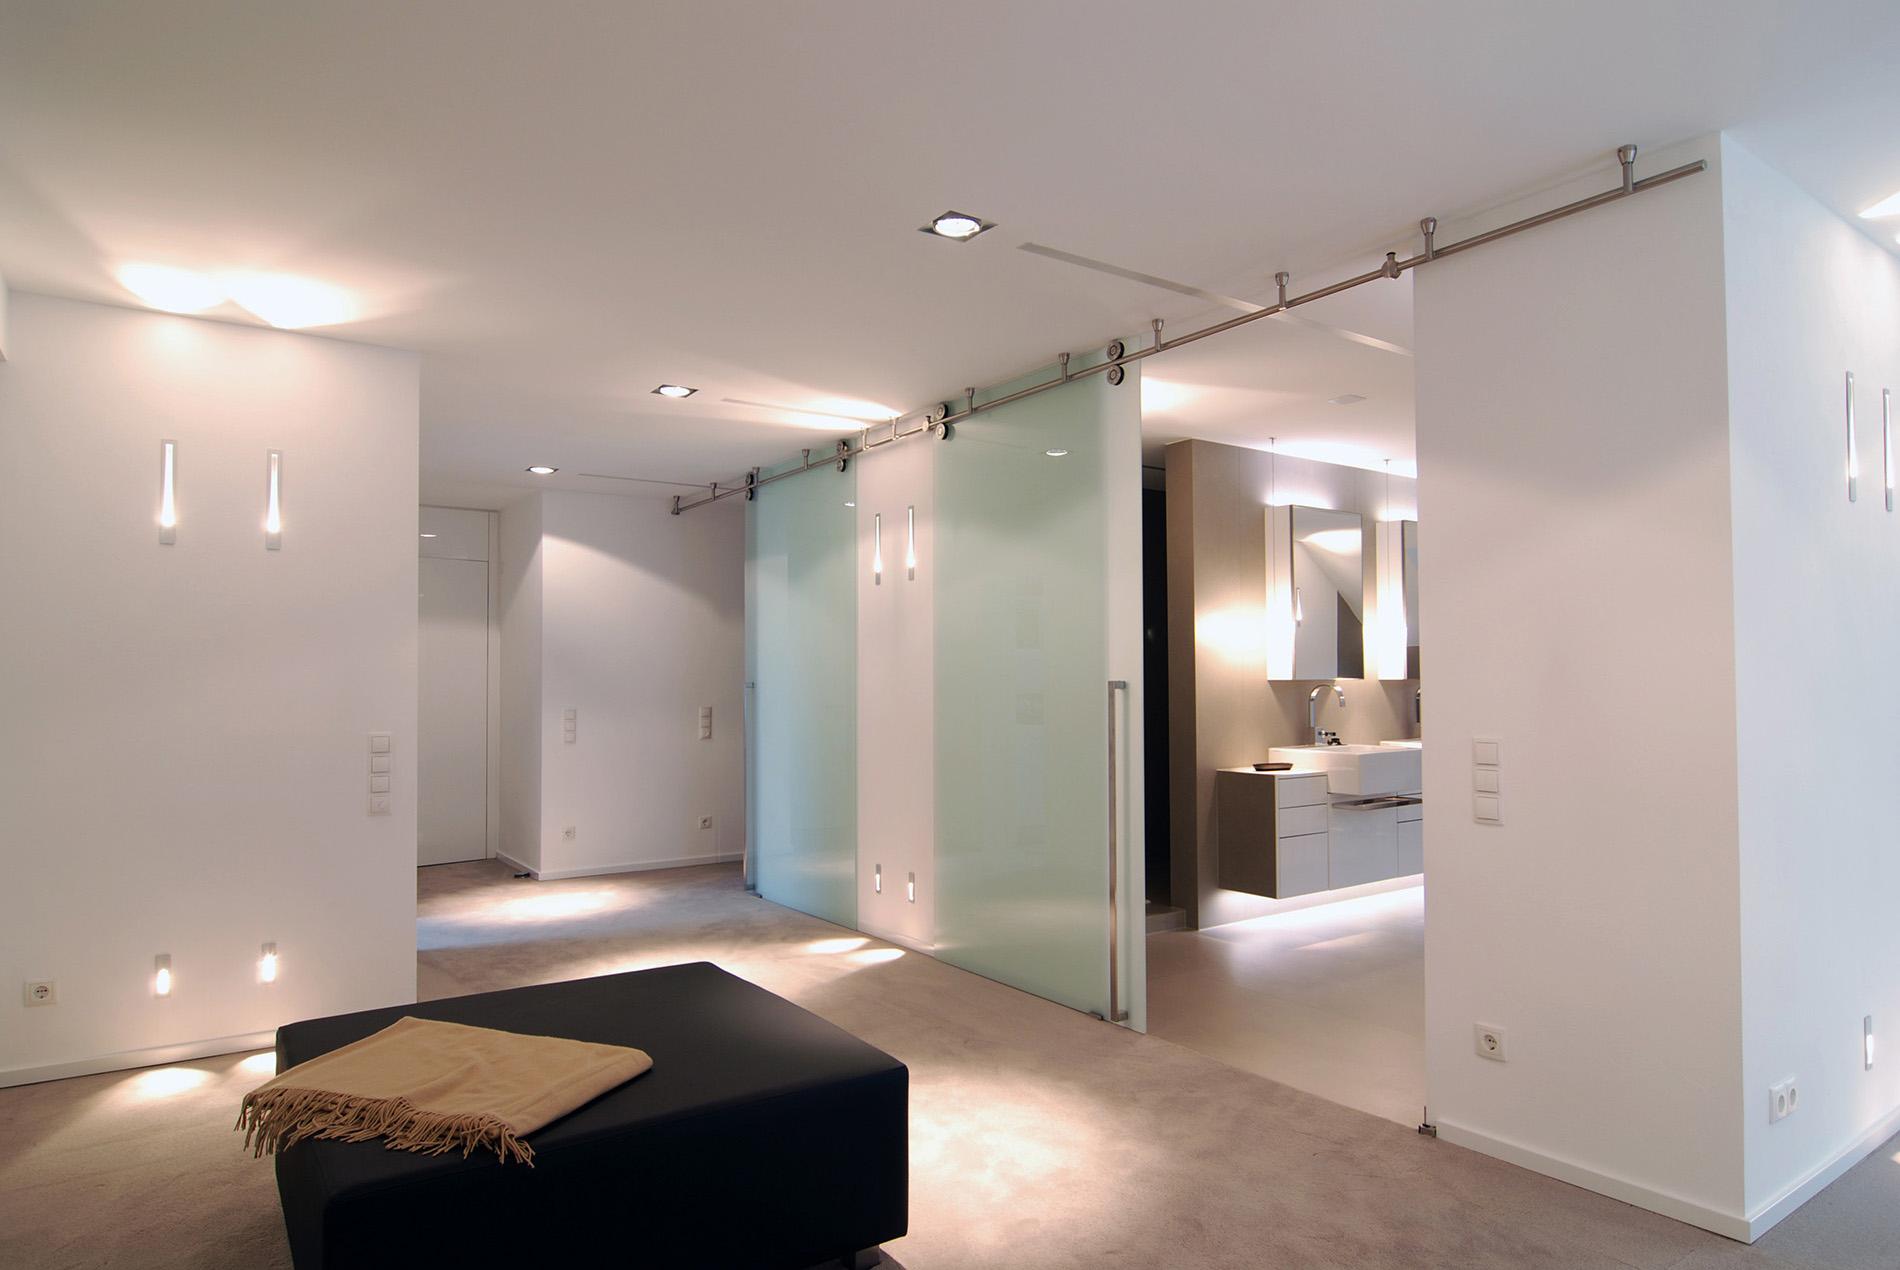 Schlafzimmer mit Ankleidebereich und Bad ensuite ...